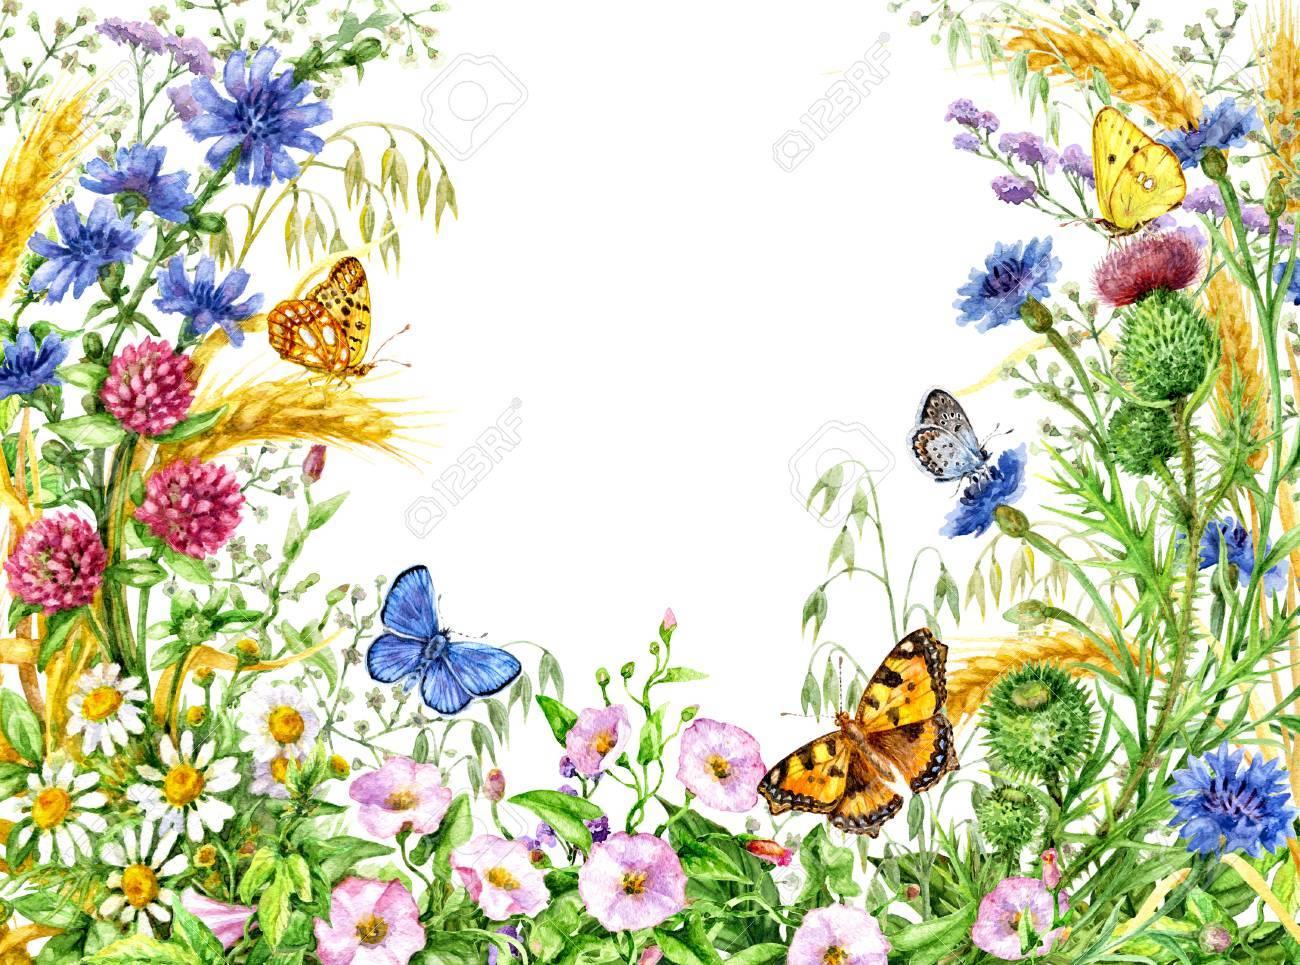 Ilustración Dibujada Mano De La Acuarela. Elementos Florales Para La ...